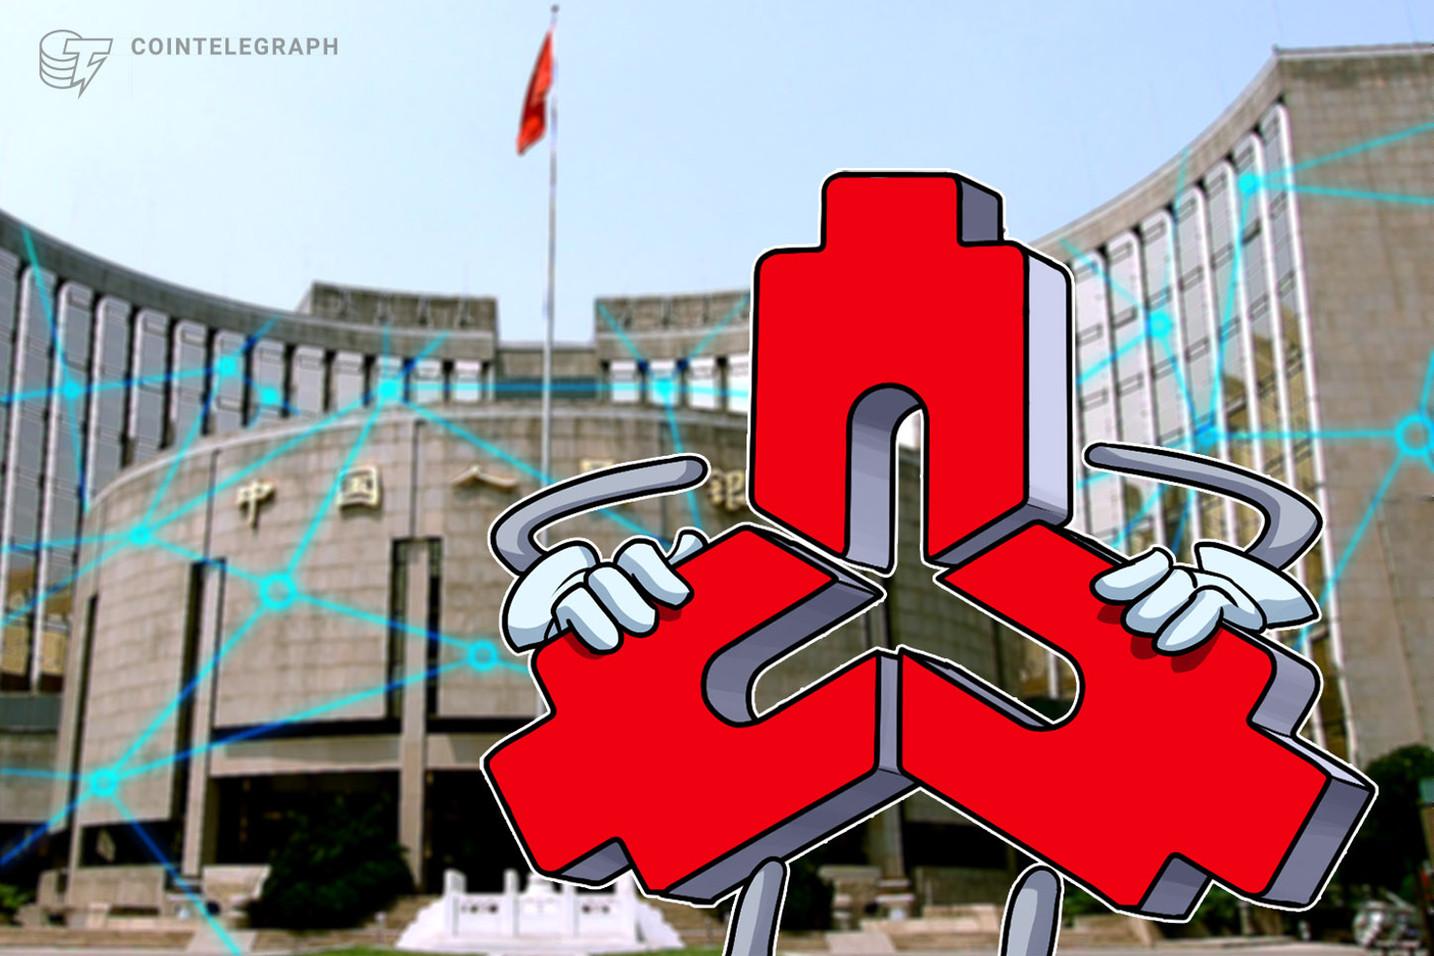 中国人民銀前総裁「デジタル人民元はドル覇権に対抗する」「リブラやビットコインに関心ない」